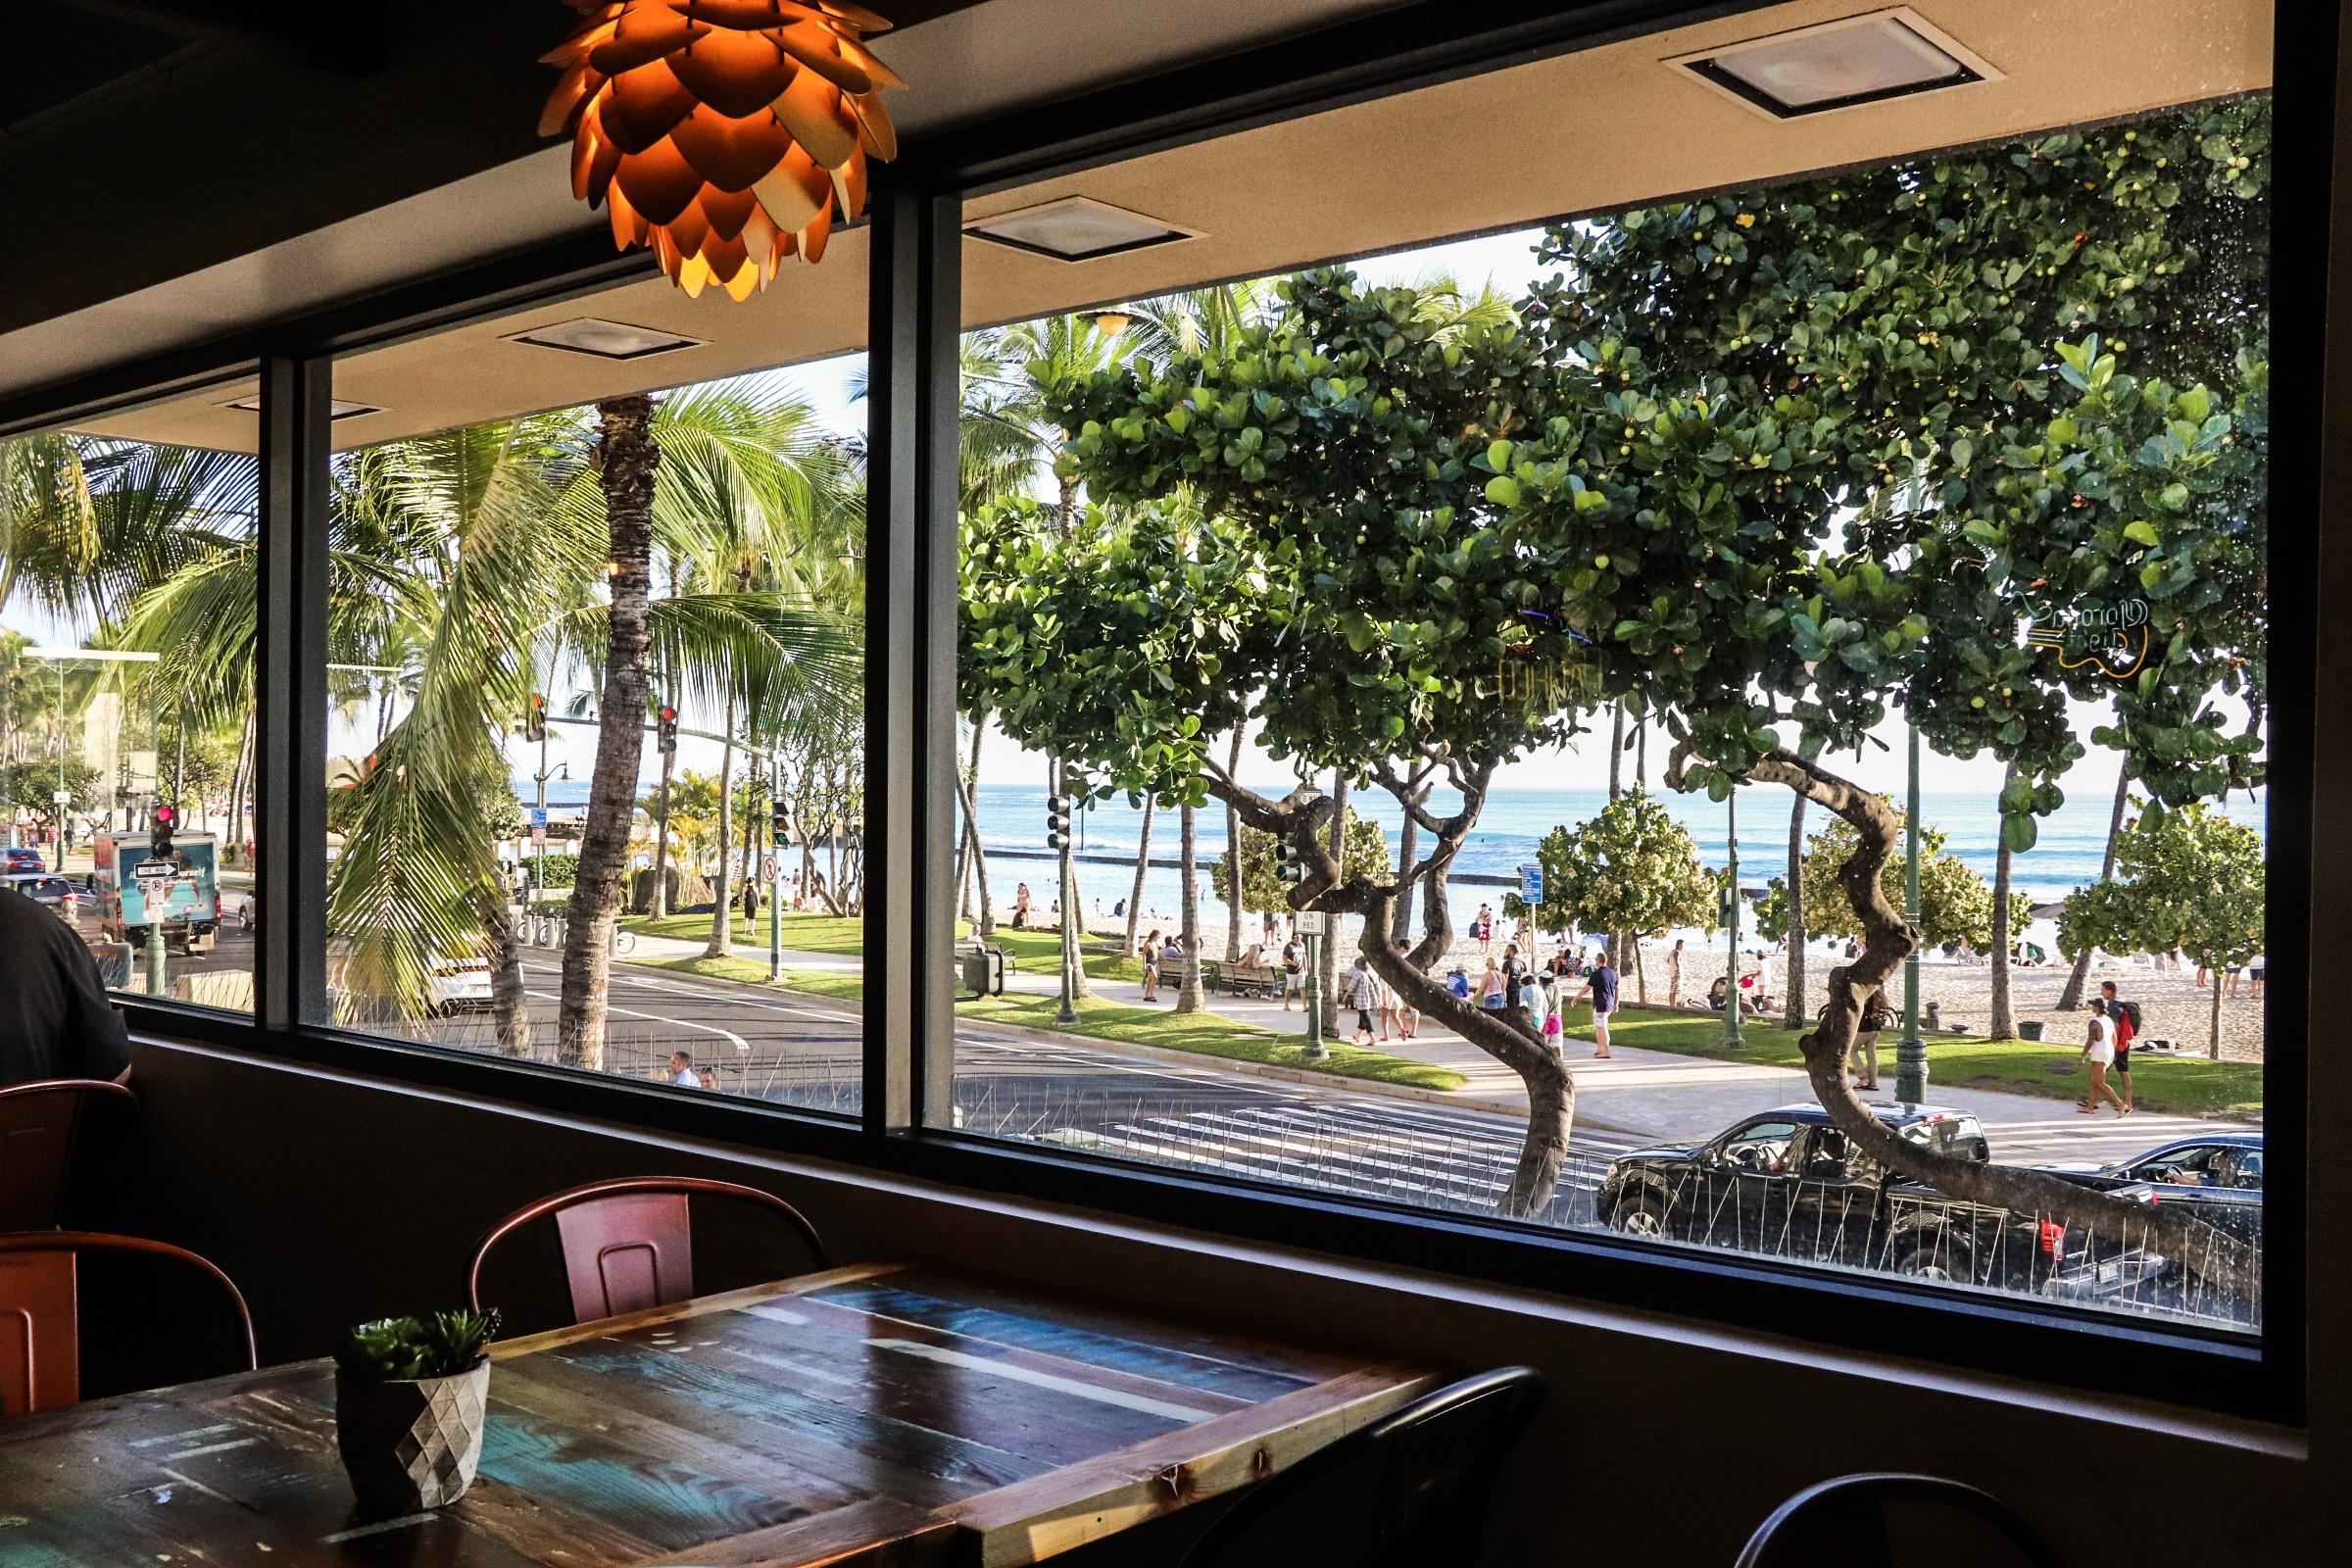 Oahu Mexican Grill - Waikiki - 2520 Kalakaua Ave, 2nd floor (above Burger King)Waikiki, HI 96815Open 7 days a week, 7 am - 10 pm